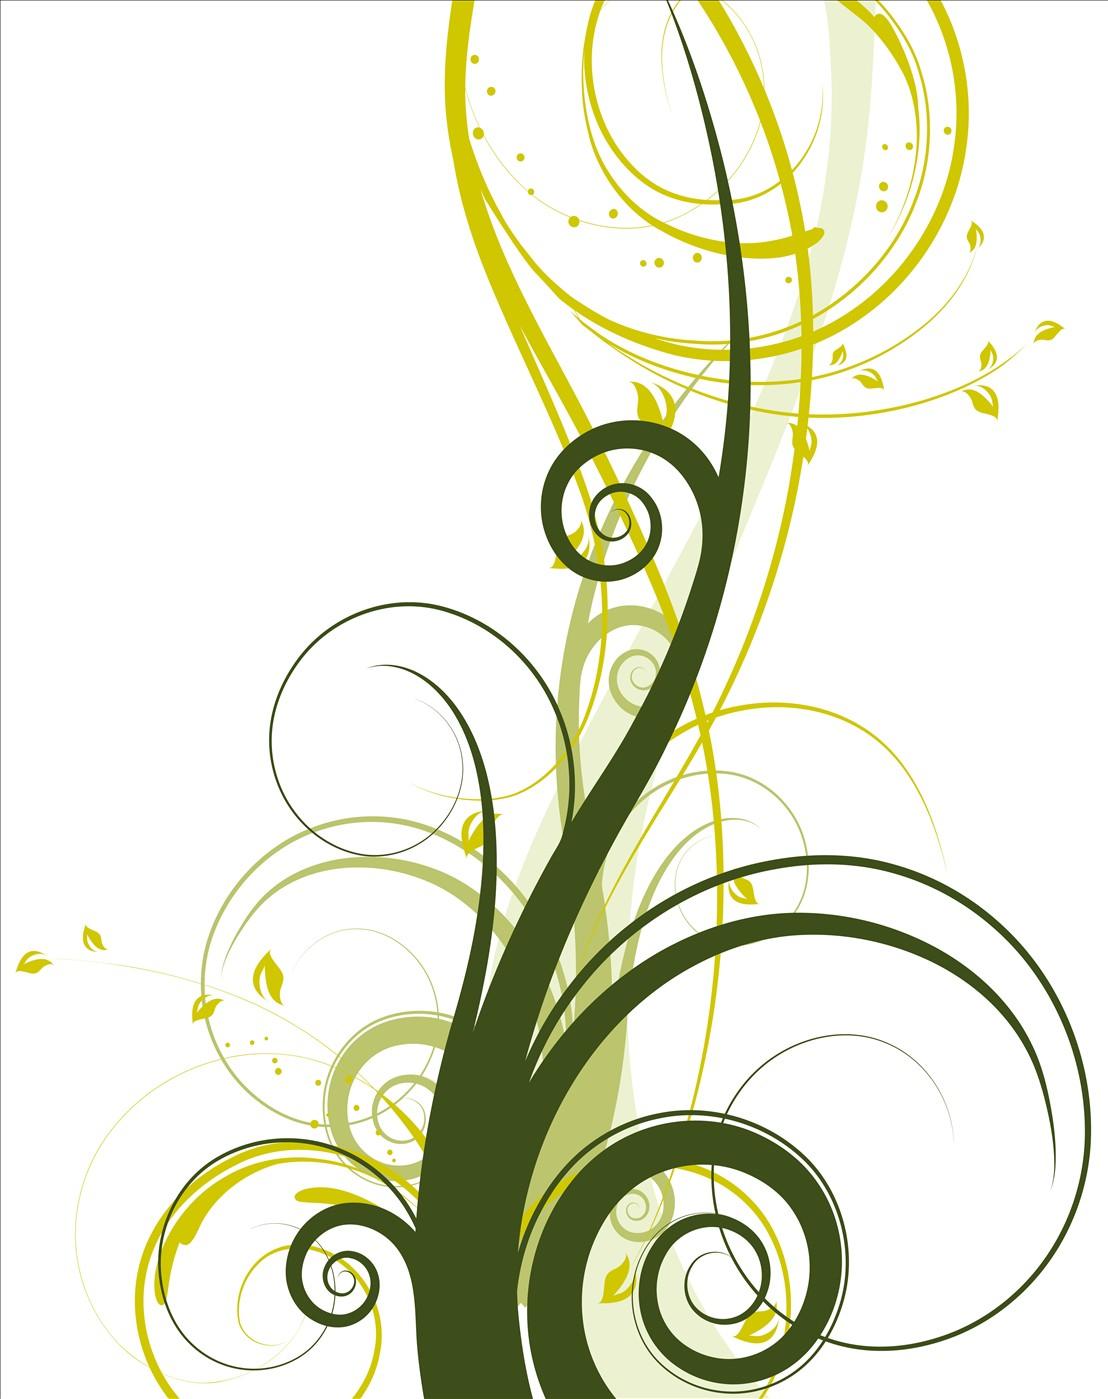 绿藤木门_绿藤飞扬二装饰图_移门大全图片_索亚期素材_移门图库_装饰图库 ...